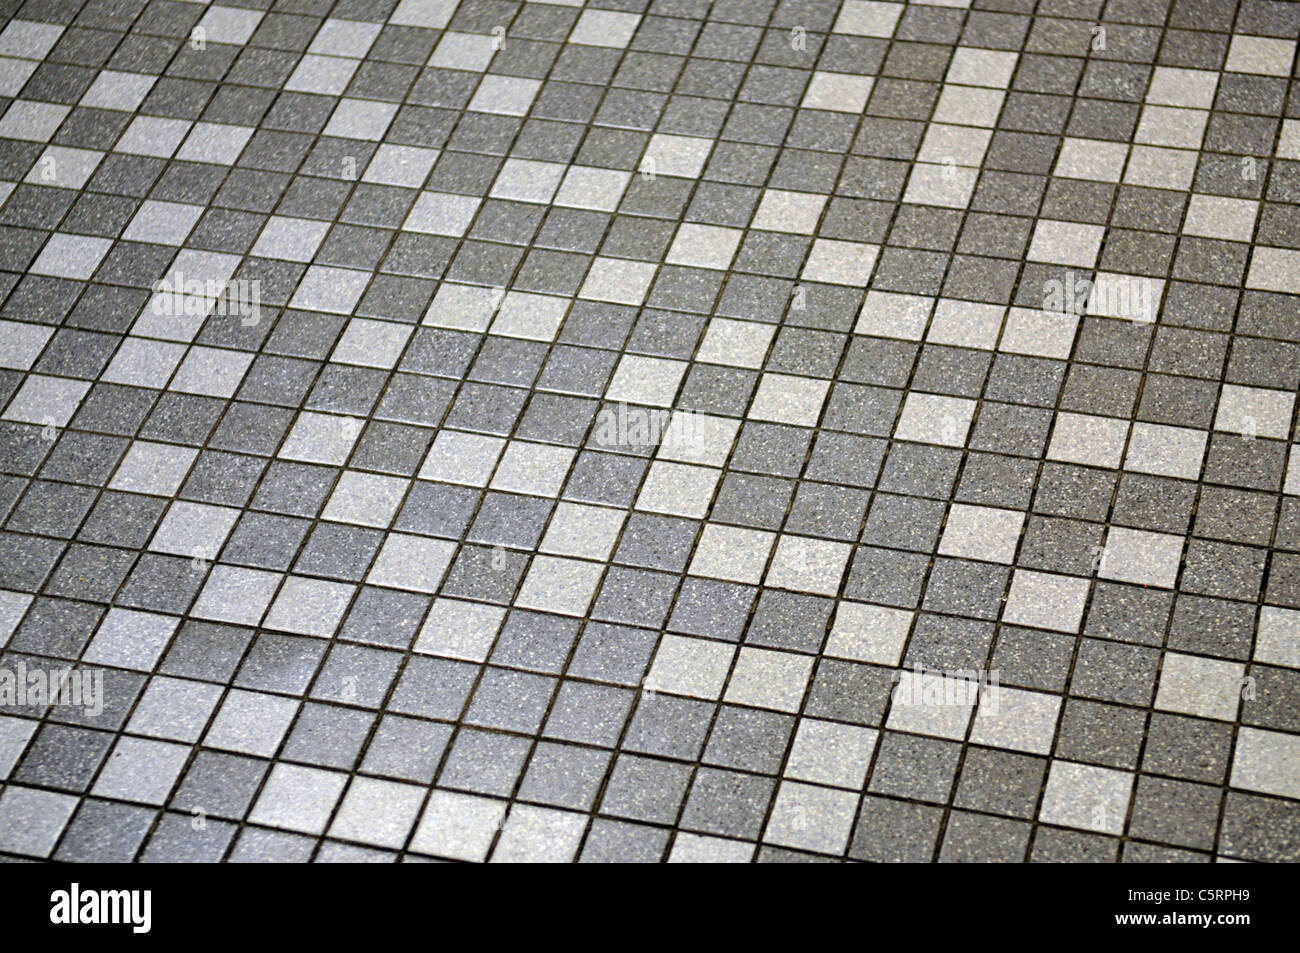 Pavimento Bianco E Grigio : Una vista di un grigio e bianco con pavimento in piastrelle che